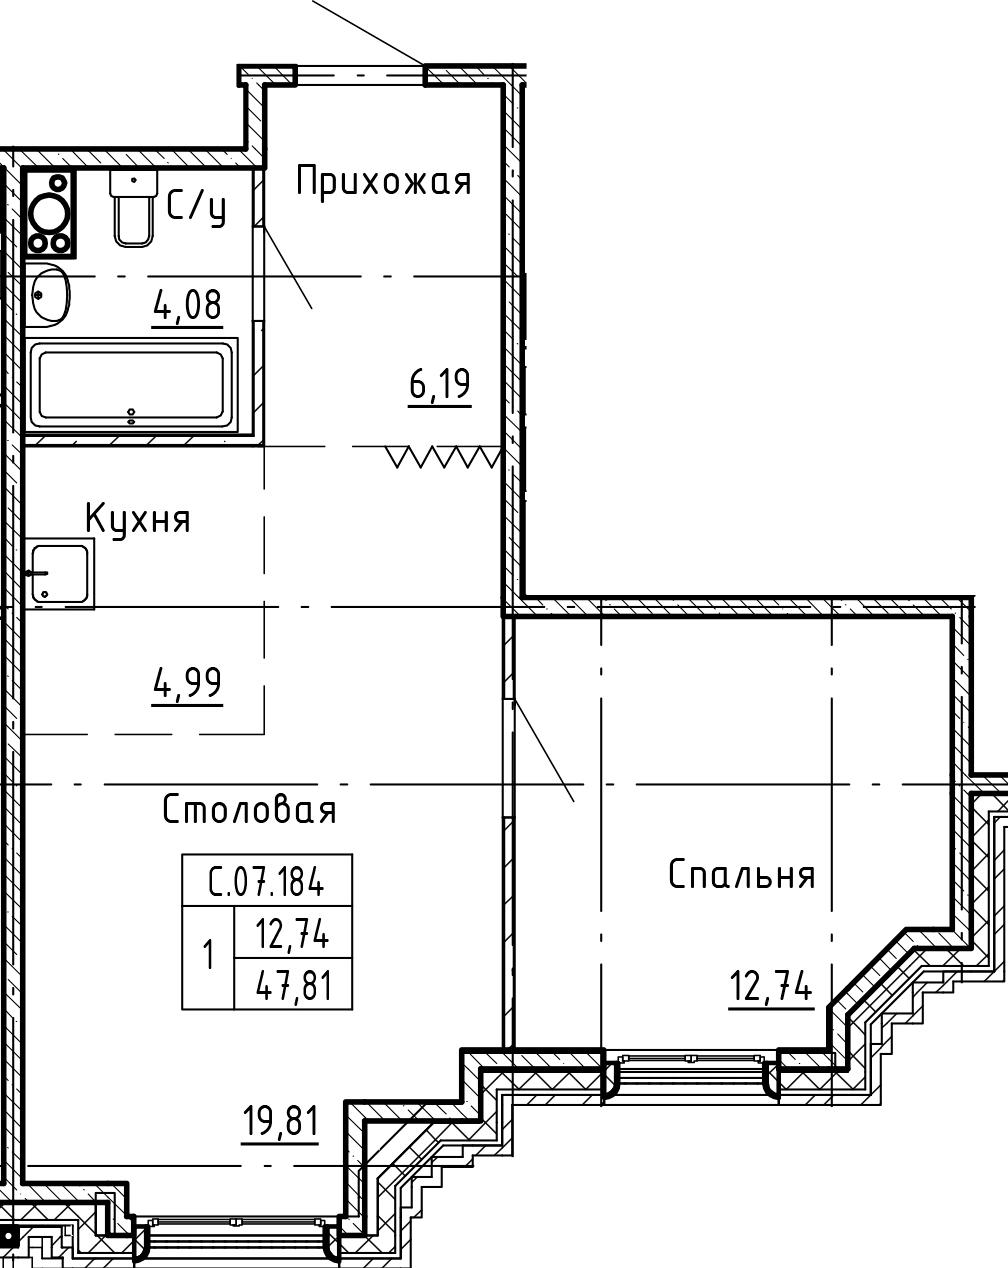 1-комнатная, 47.81 м²– 2